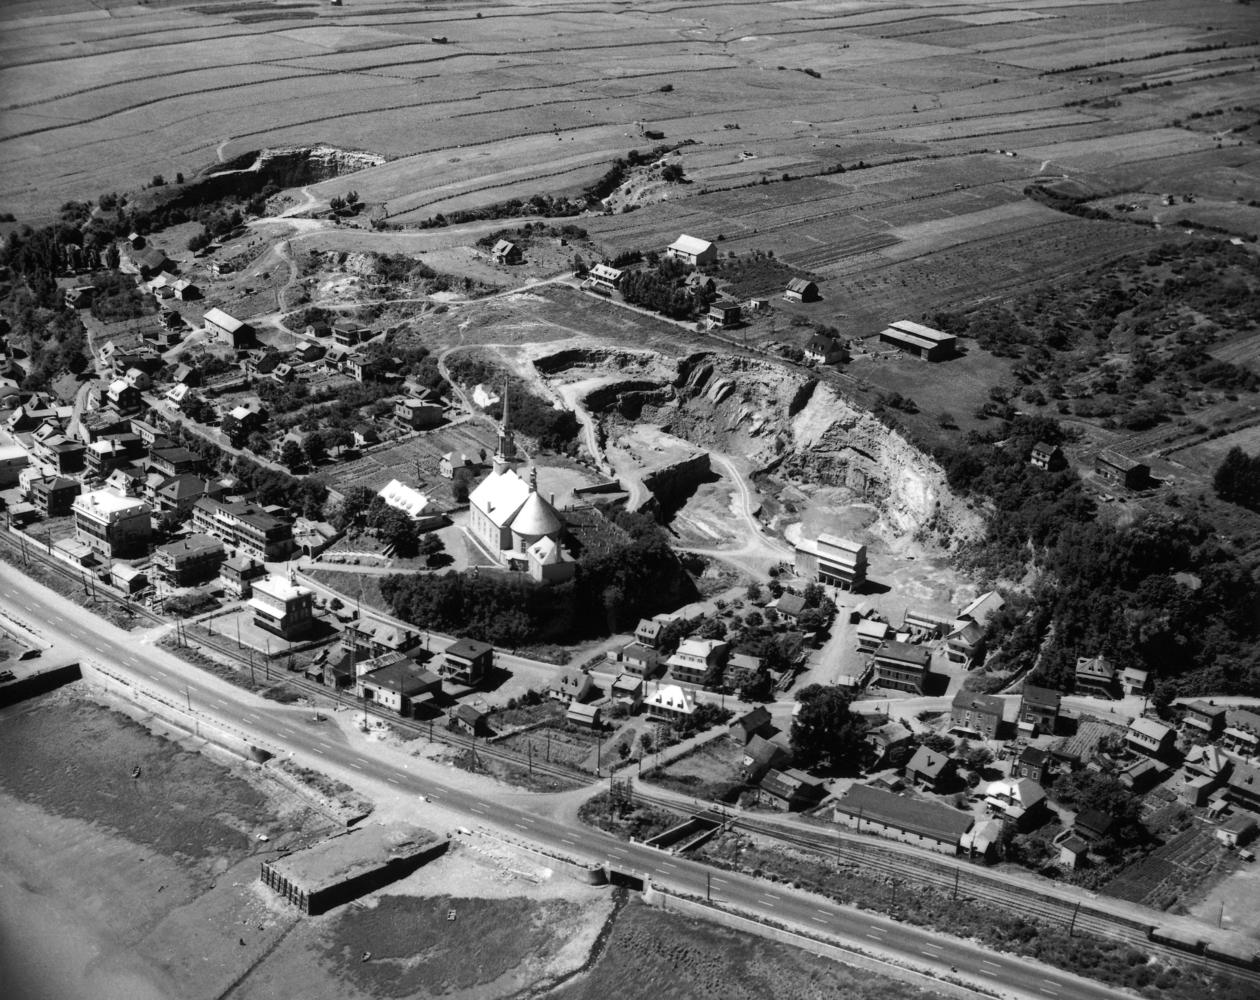 Photographie d'archives en noir et blanc. La municipalité de Château-Richer se déploie autour de l'église, qui se trouve au centre de l'image. Outre des maisons, on aperçoit une carrière de pierre, des champs cultivés, un chemin de fer et le boulevard Sainte-Anne.